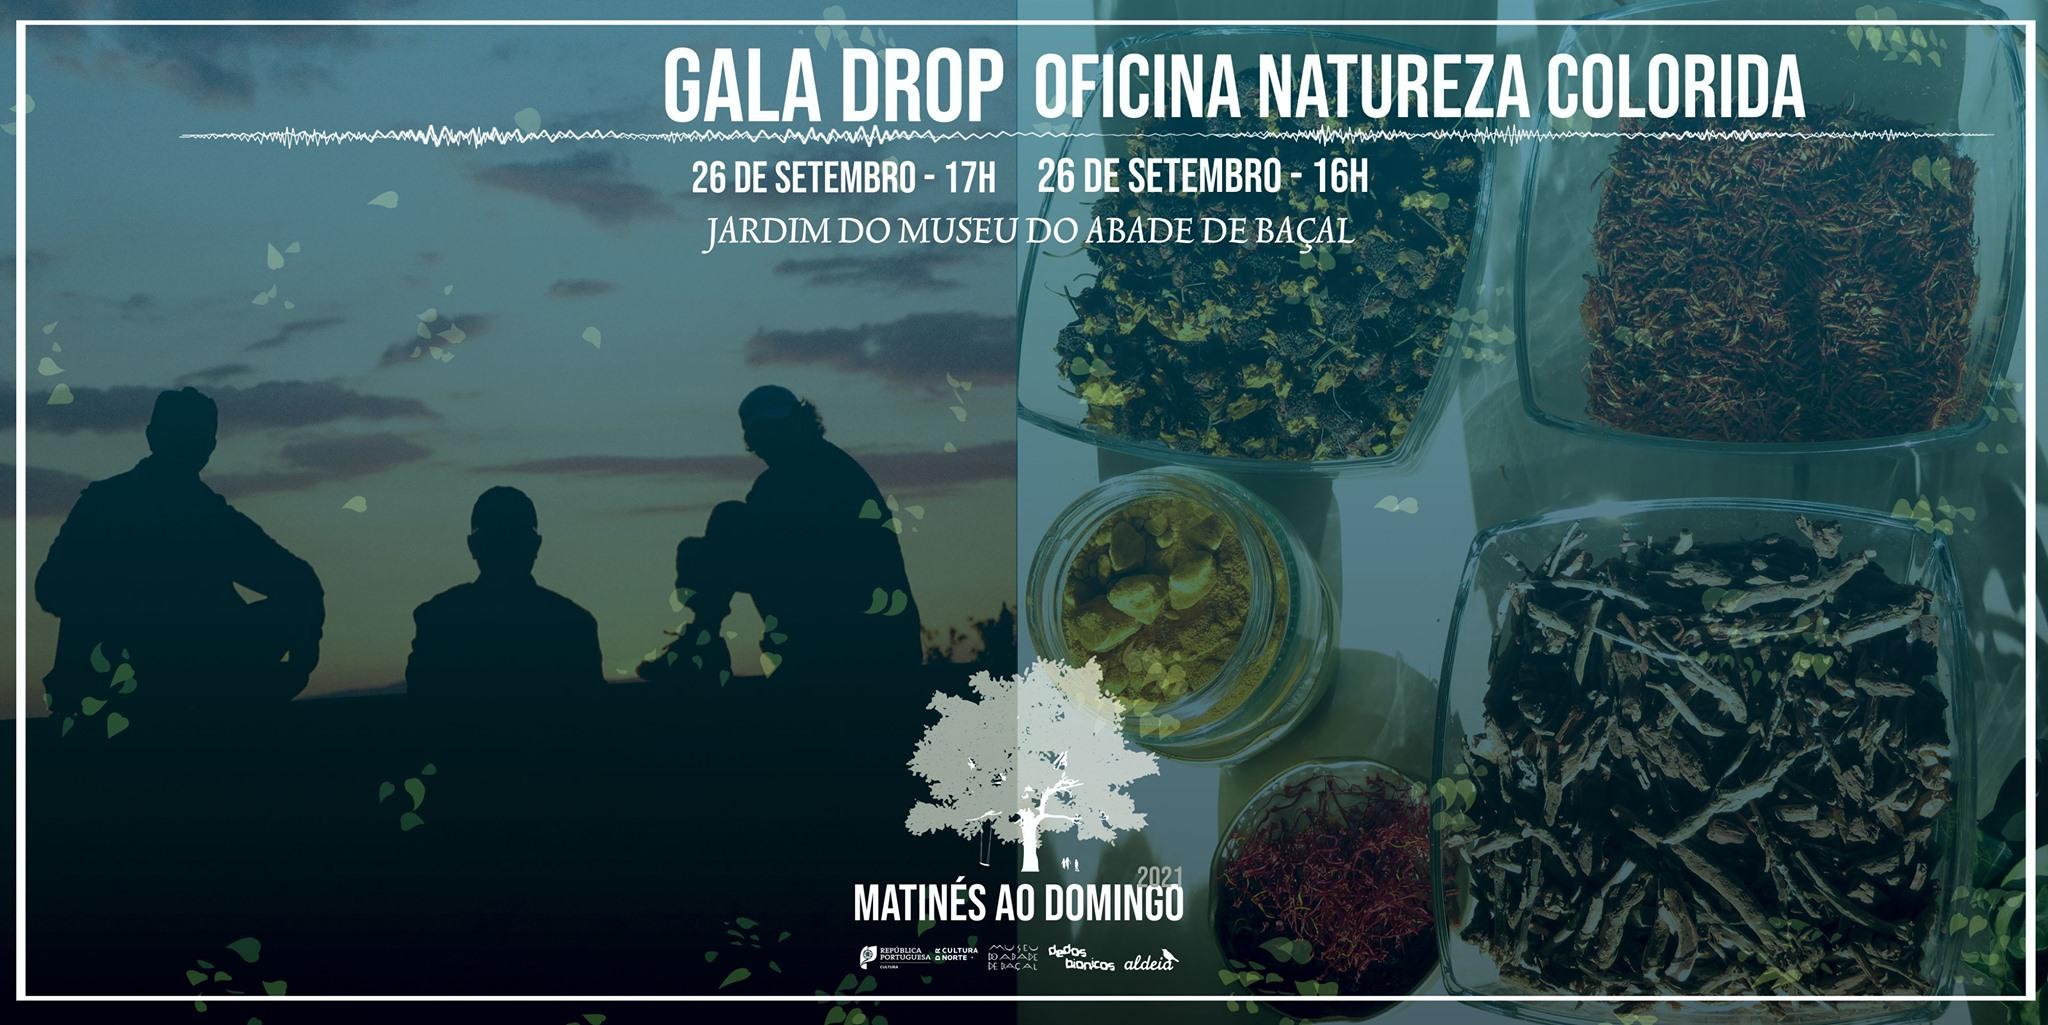 Matinés ao Domingo com Gala Drop + Oficina Natureza Colorida